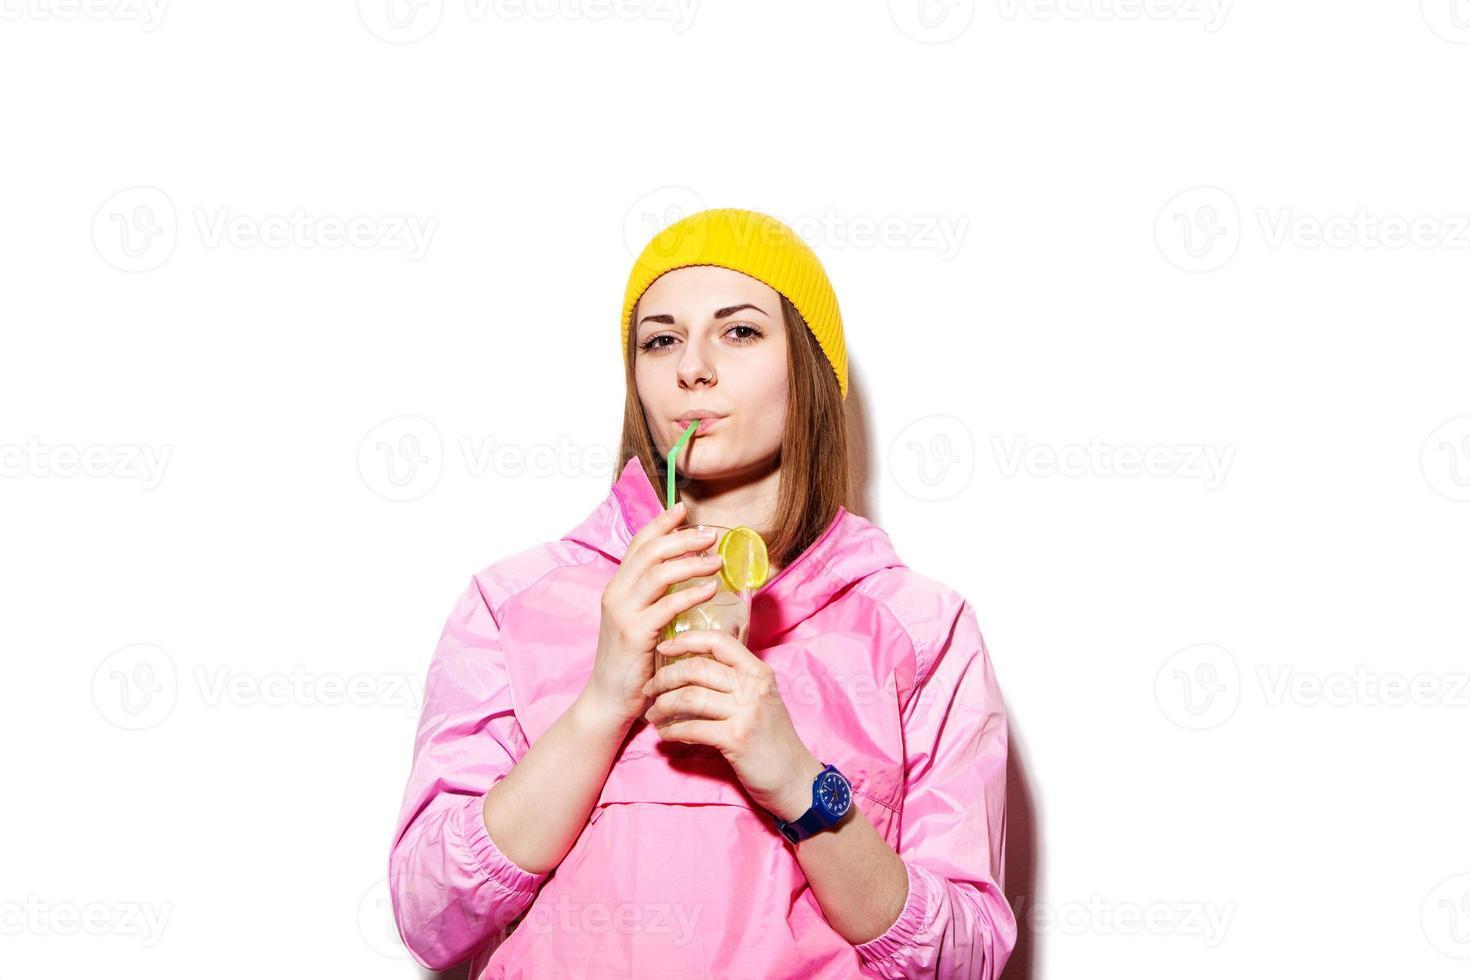 jovem mulher bebendo cocktail alcoólico foto